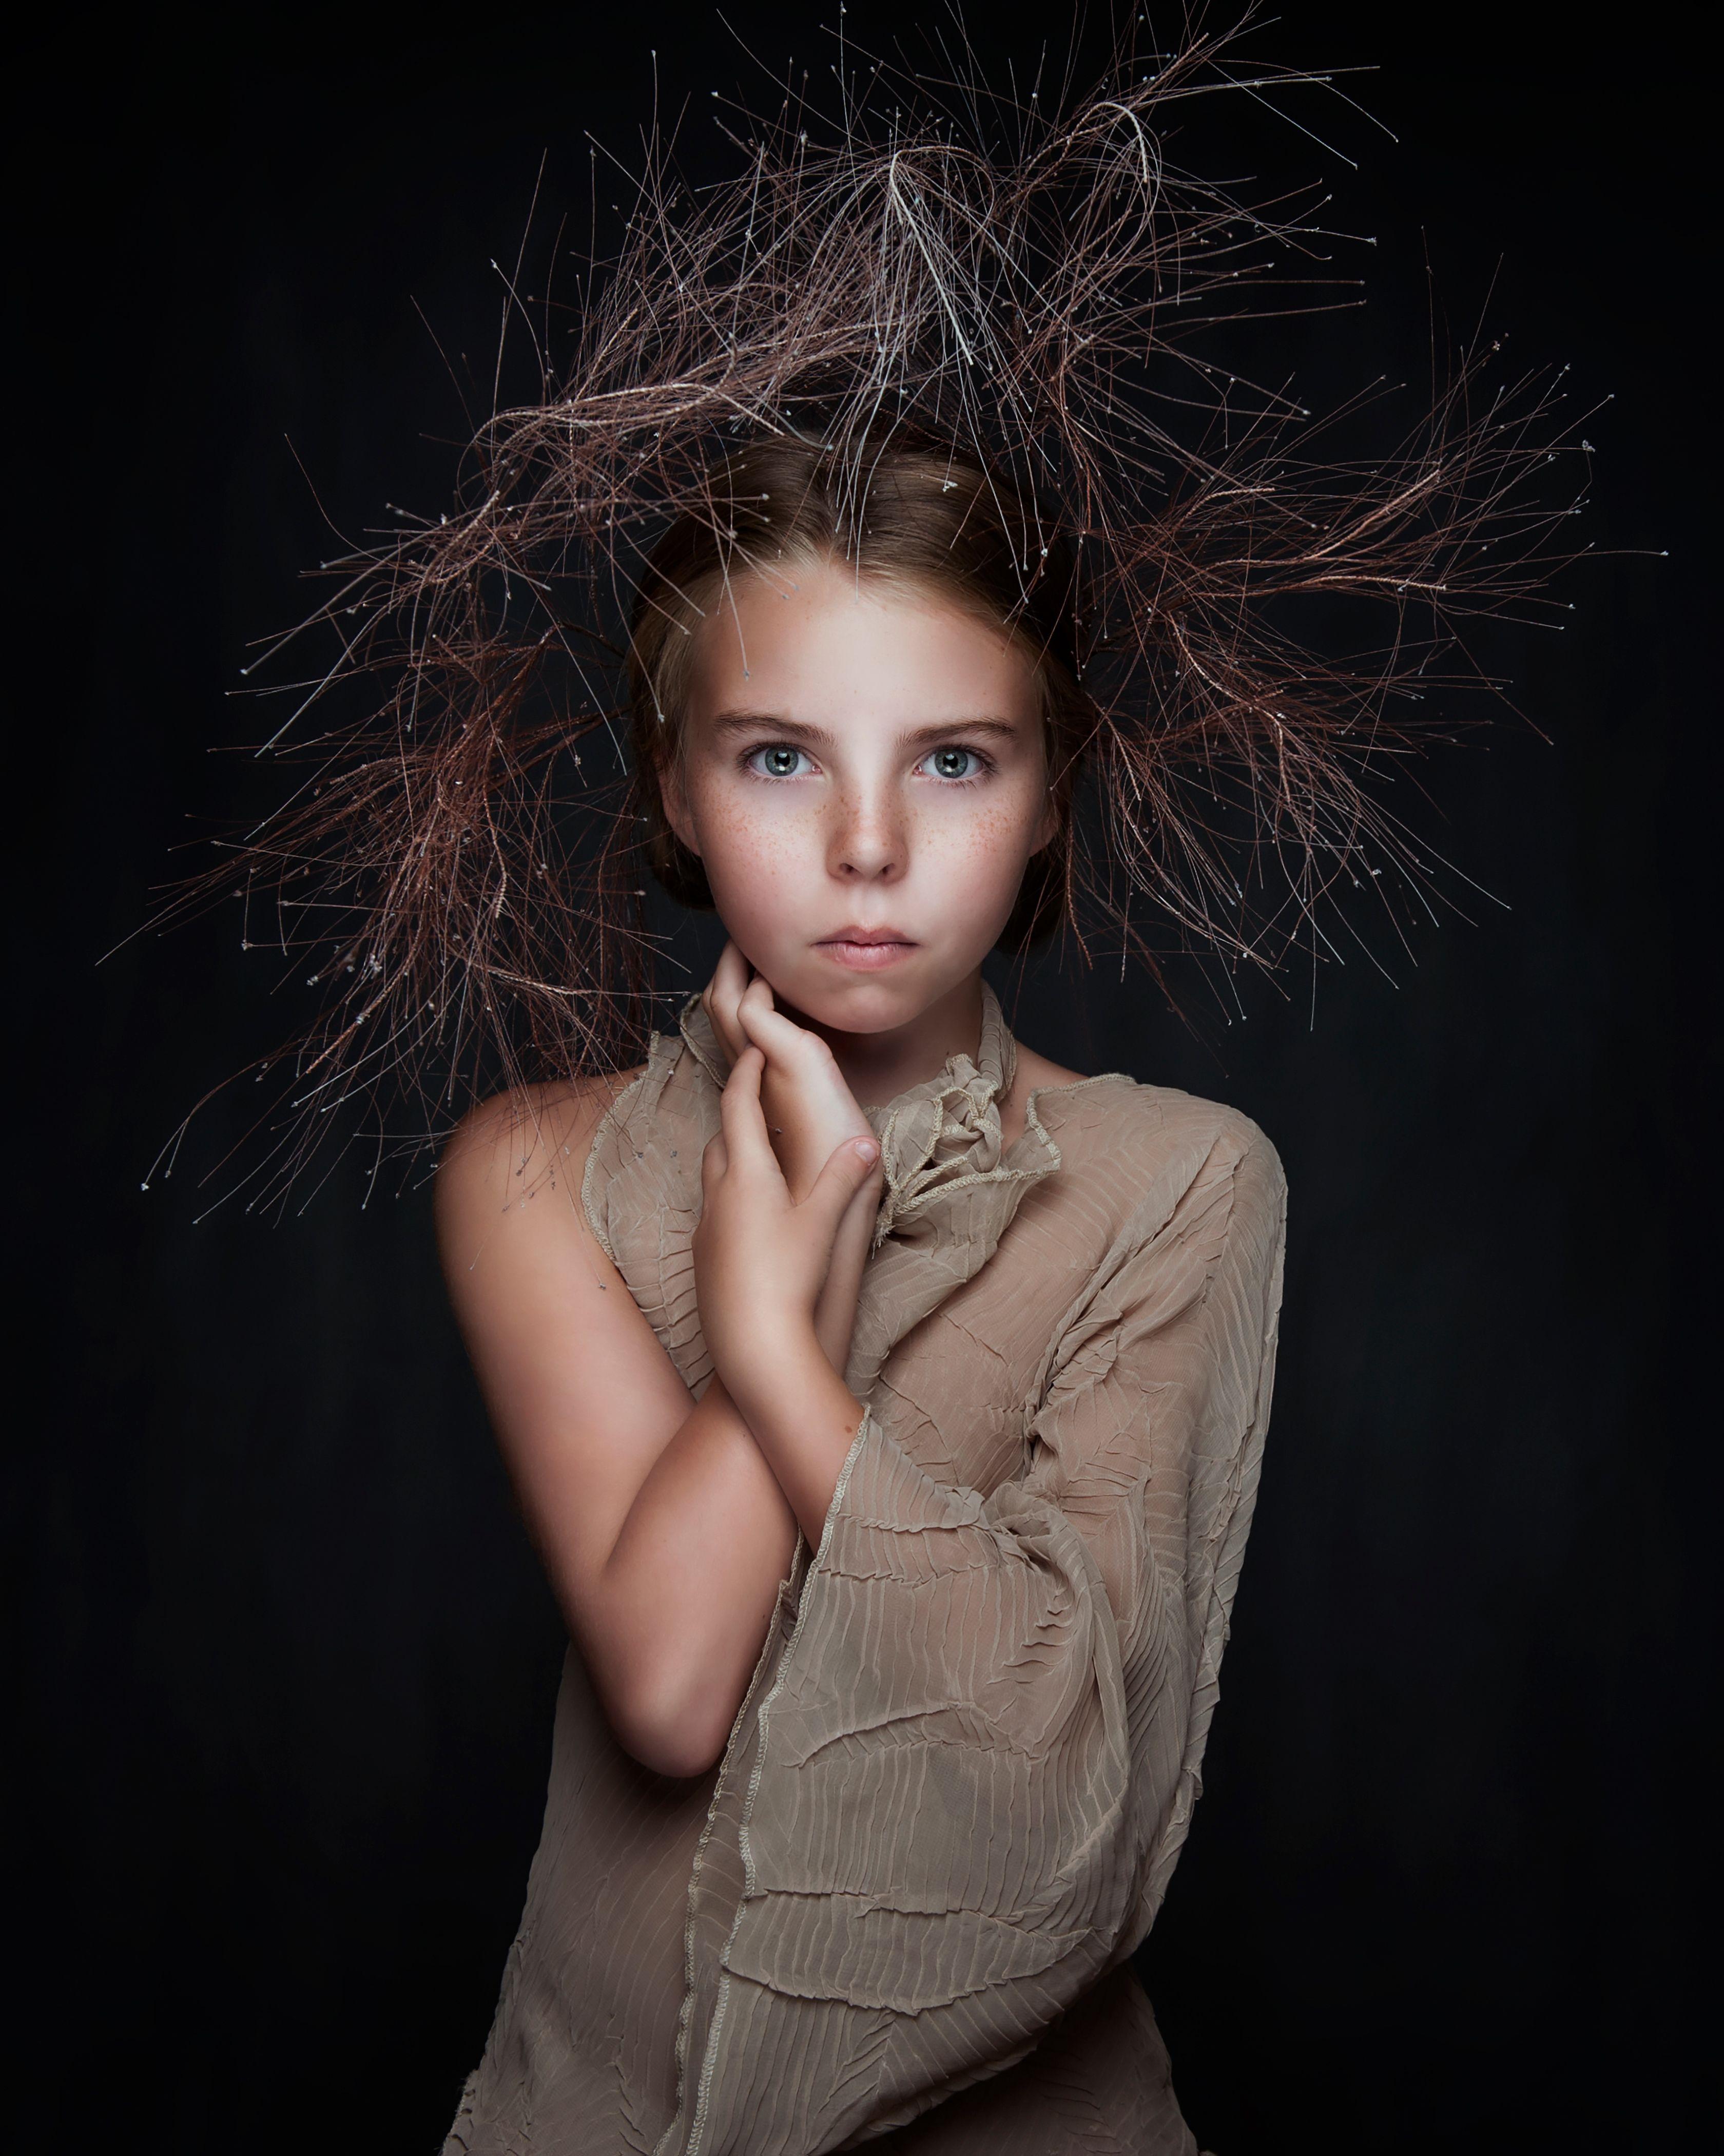 прическа, уверенность идеи фото для портретной съемки этой